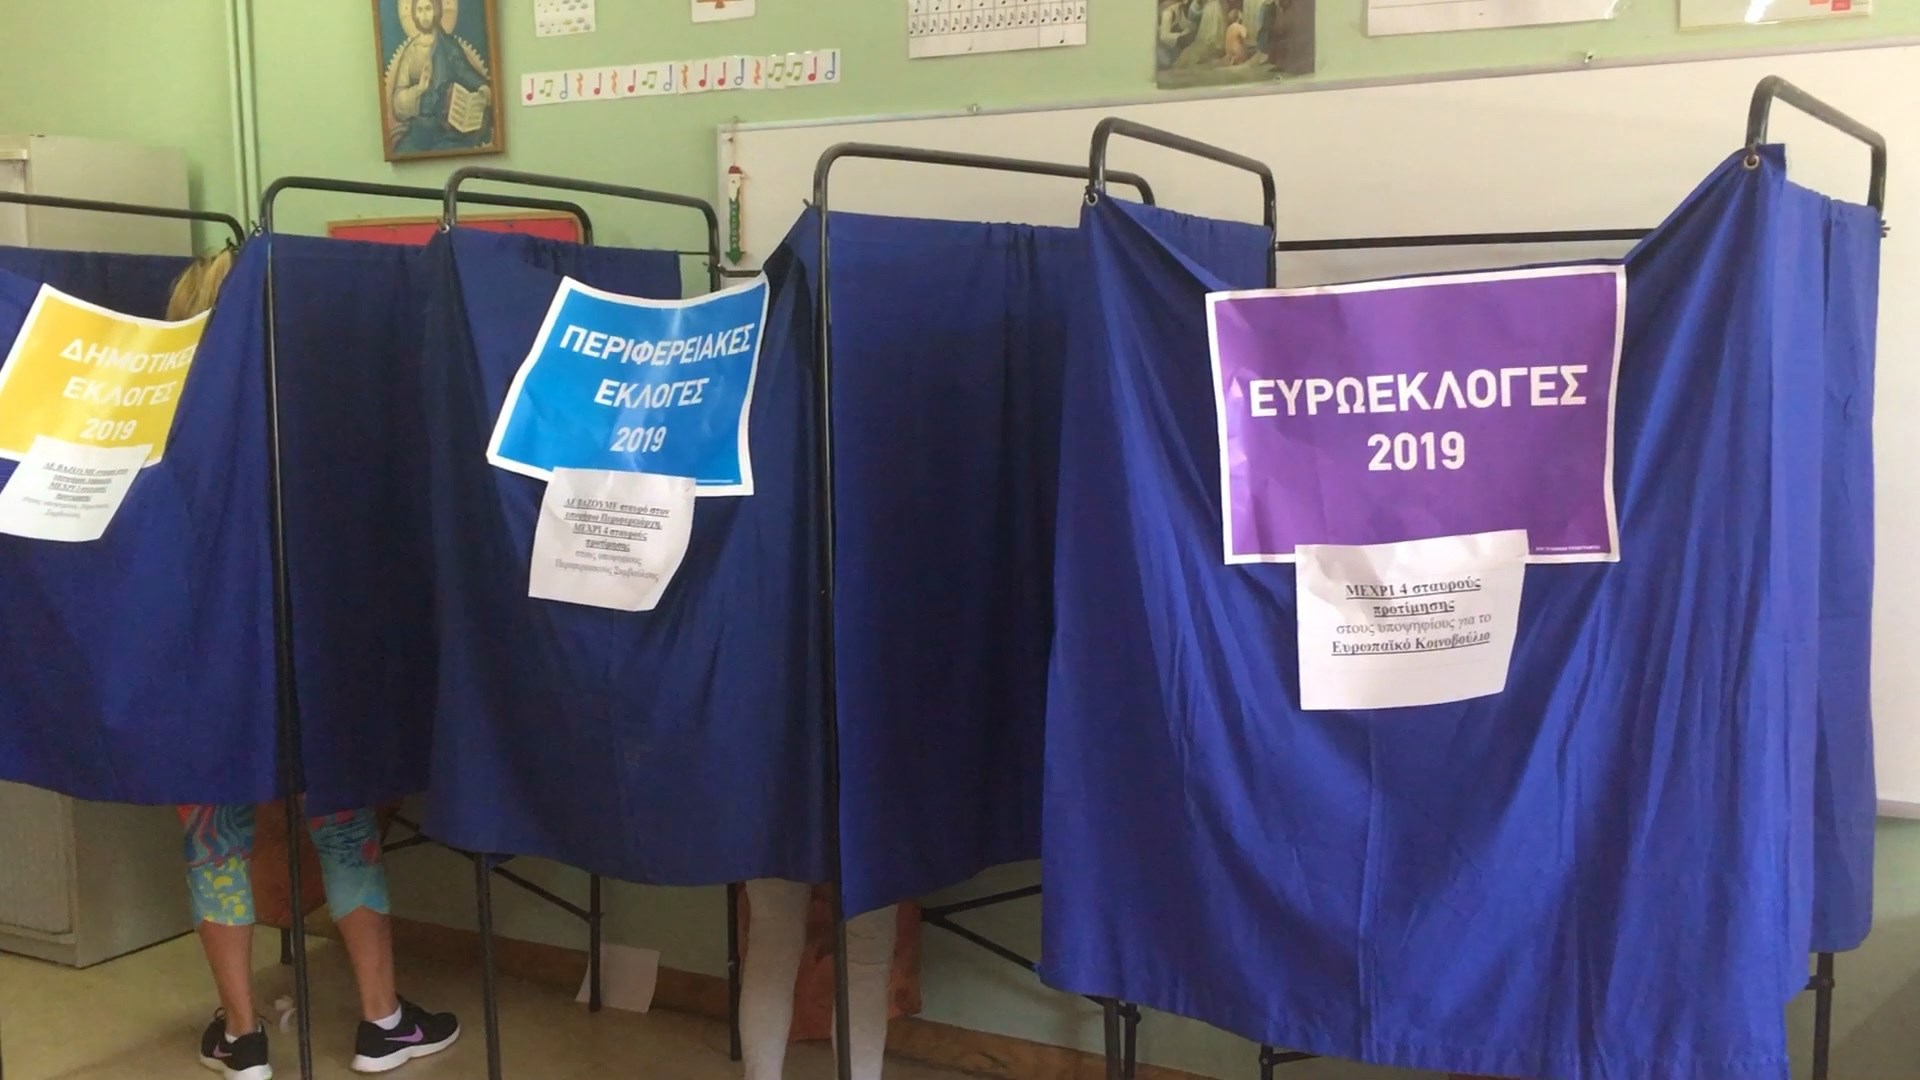 Tsipras shpall zgjedhjet e parakohshme më 10 qershor